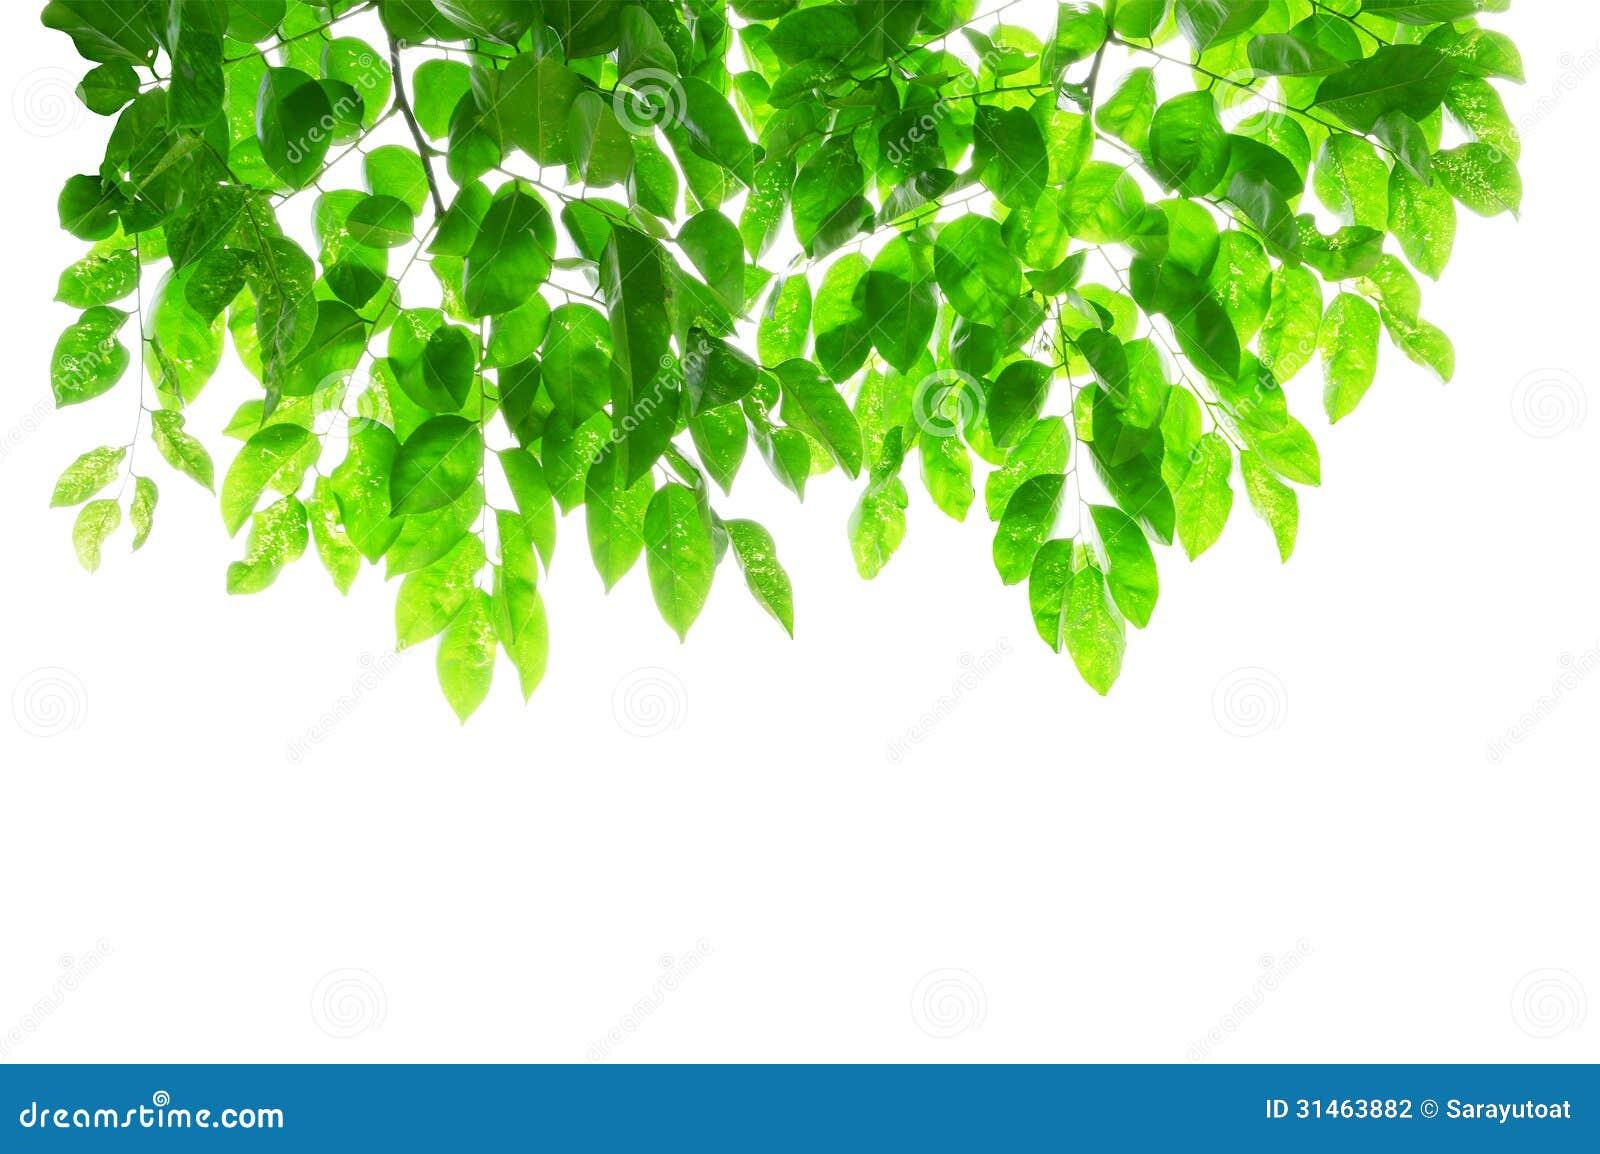 Hojas Y Ramas Del Verde En El Fondo Blanco Con La Parte